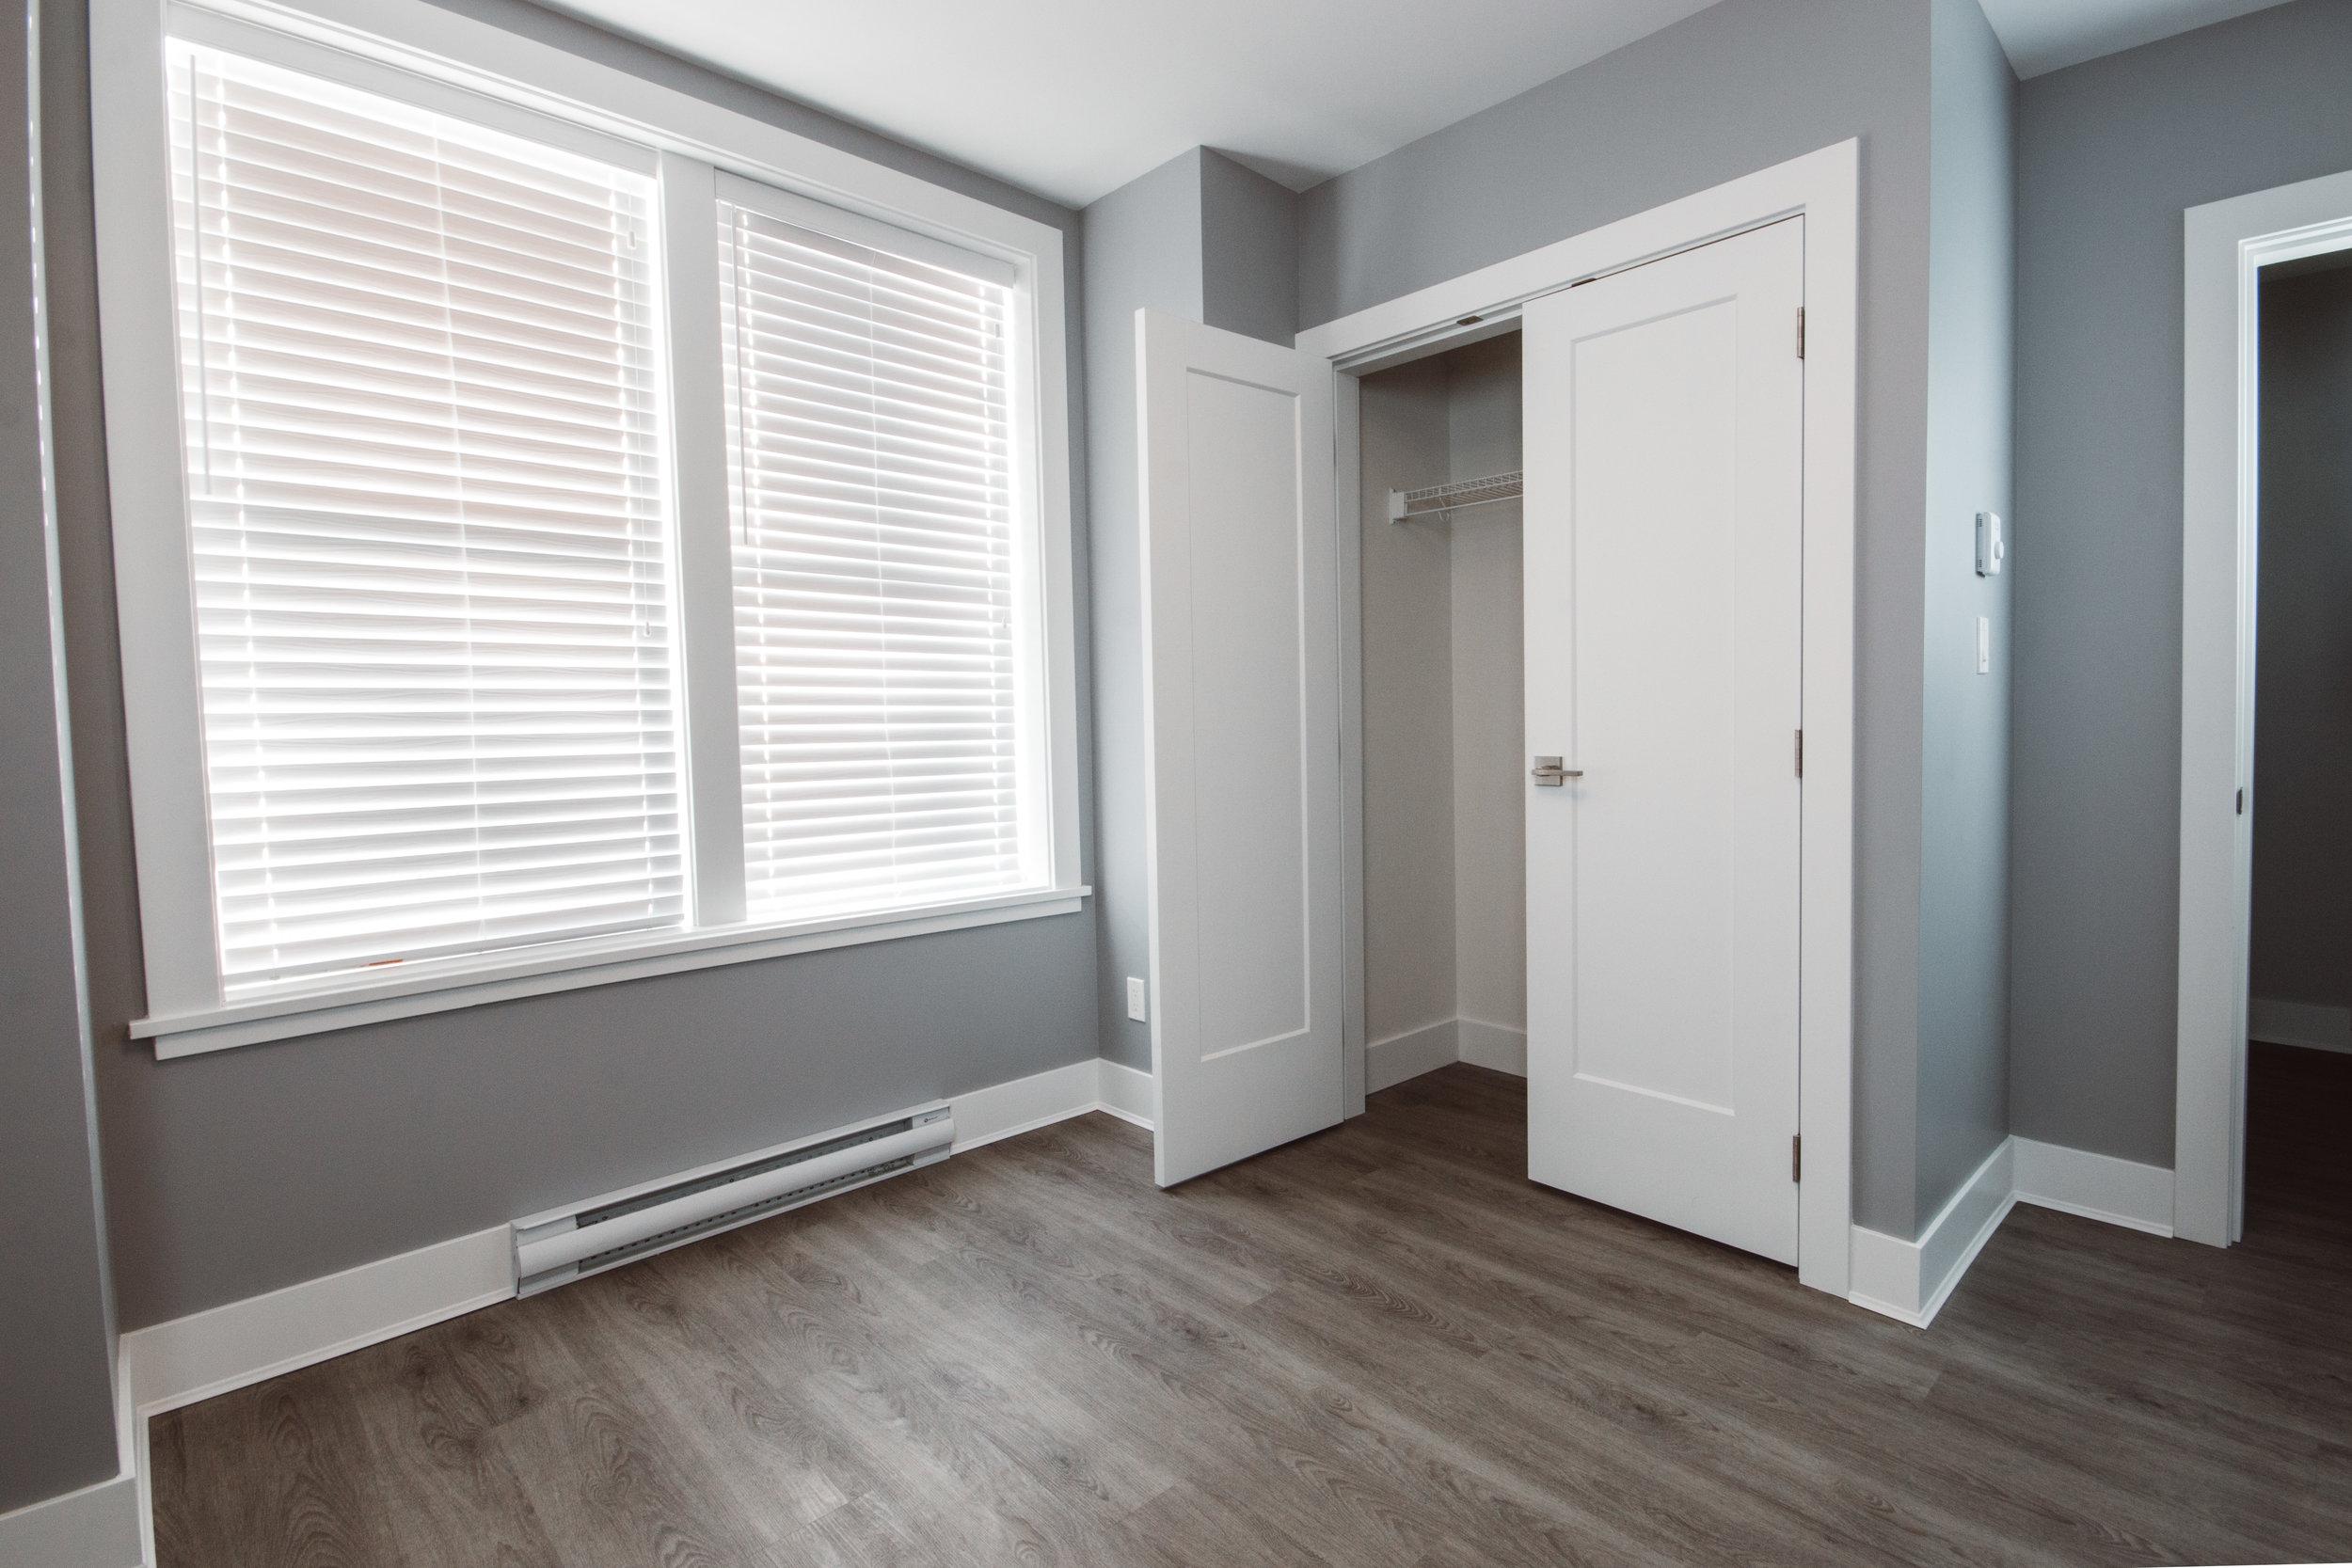 Suite3_MasterBedroom4.jpg